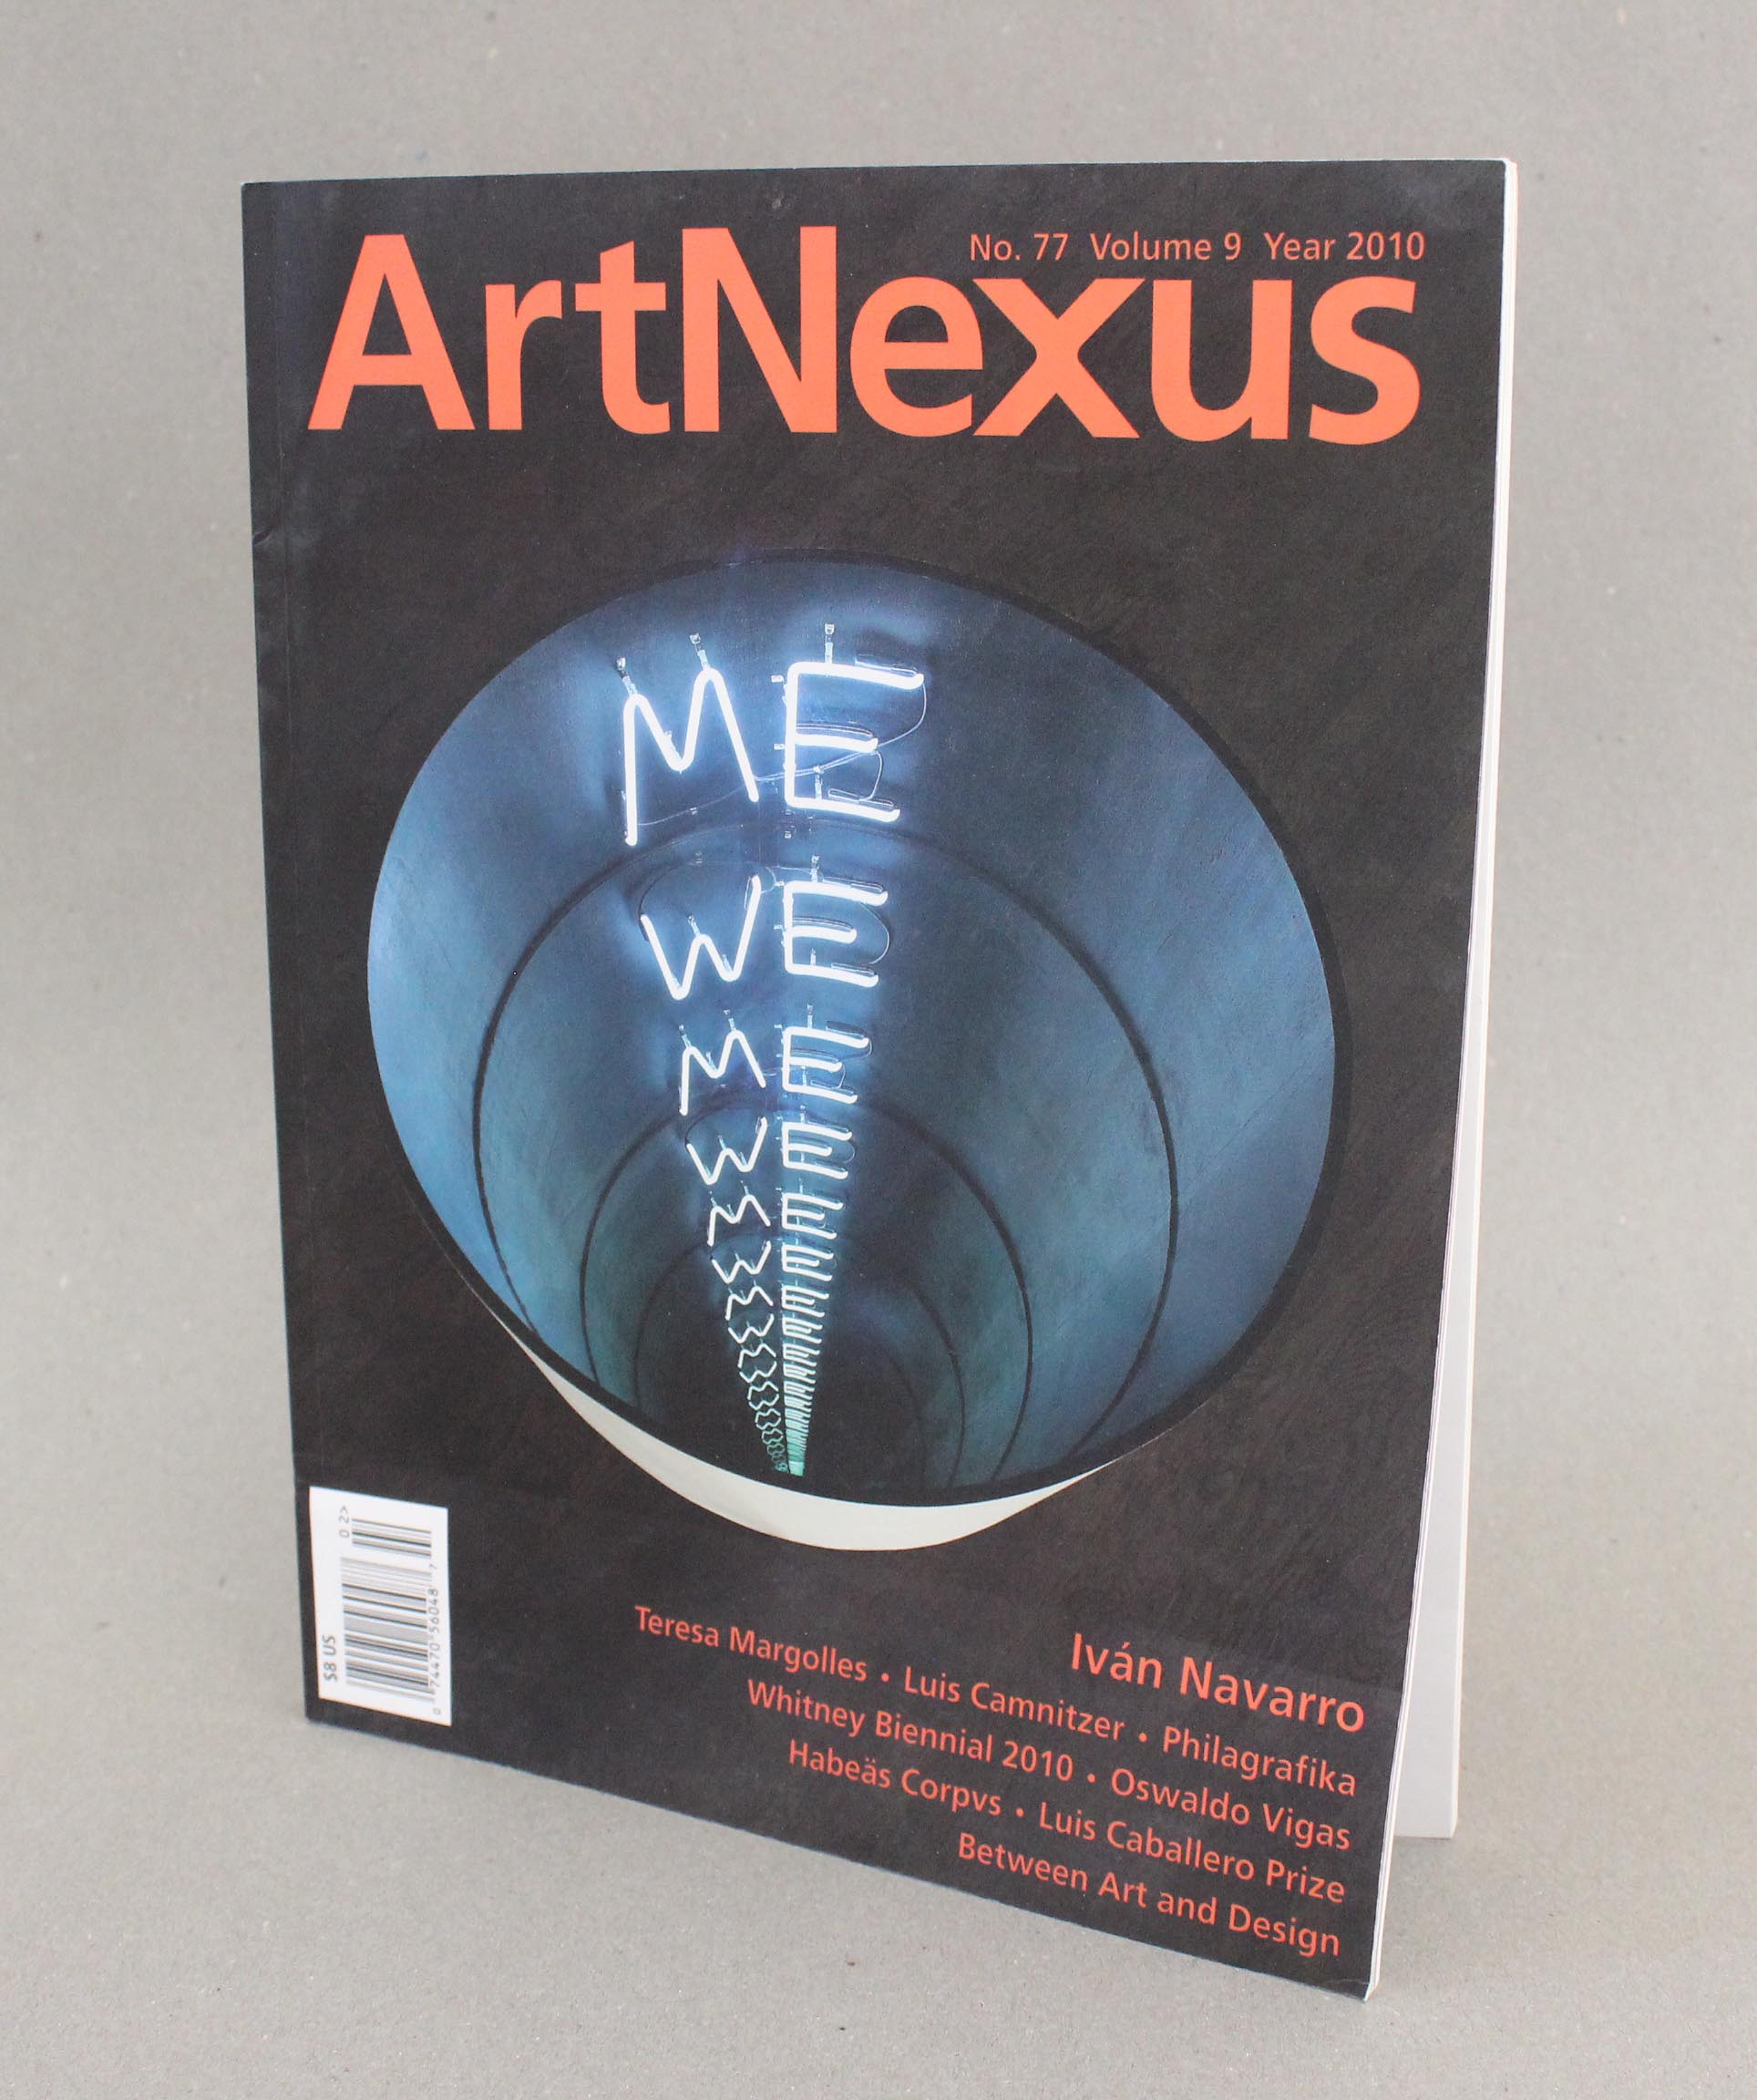 artnexus.jpg